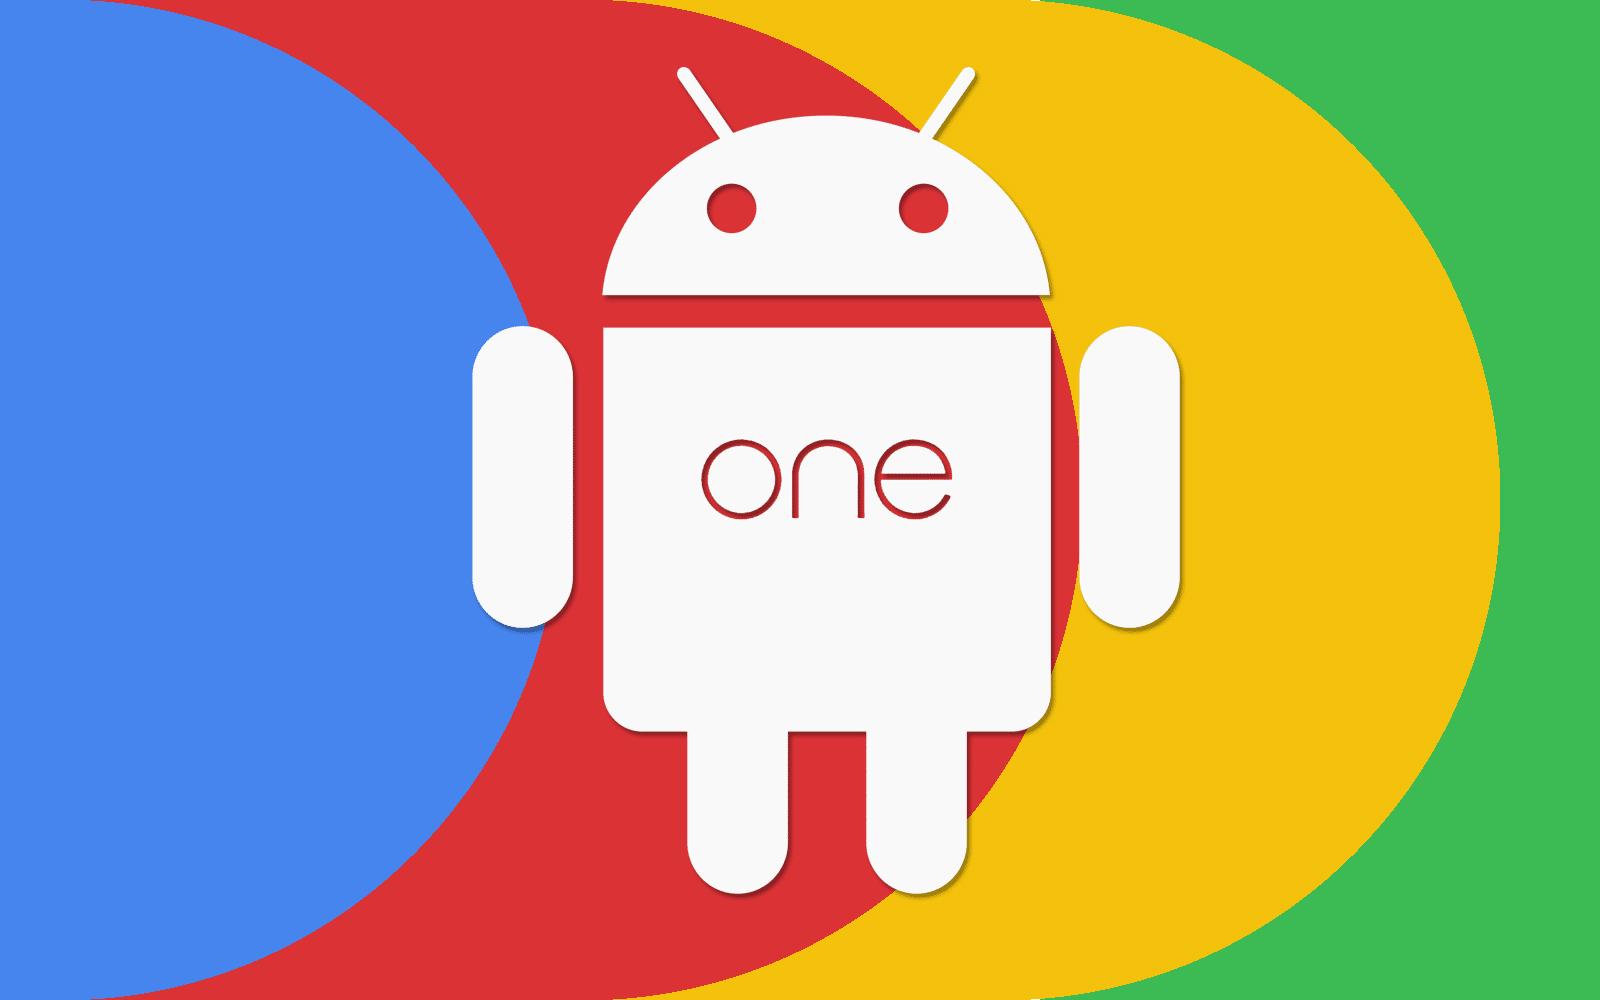 atualizacao-do-android-one-e-de-responsabilidade-do-fabricante